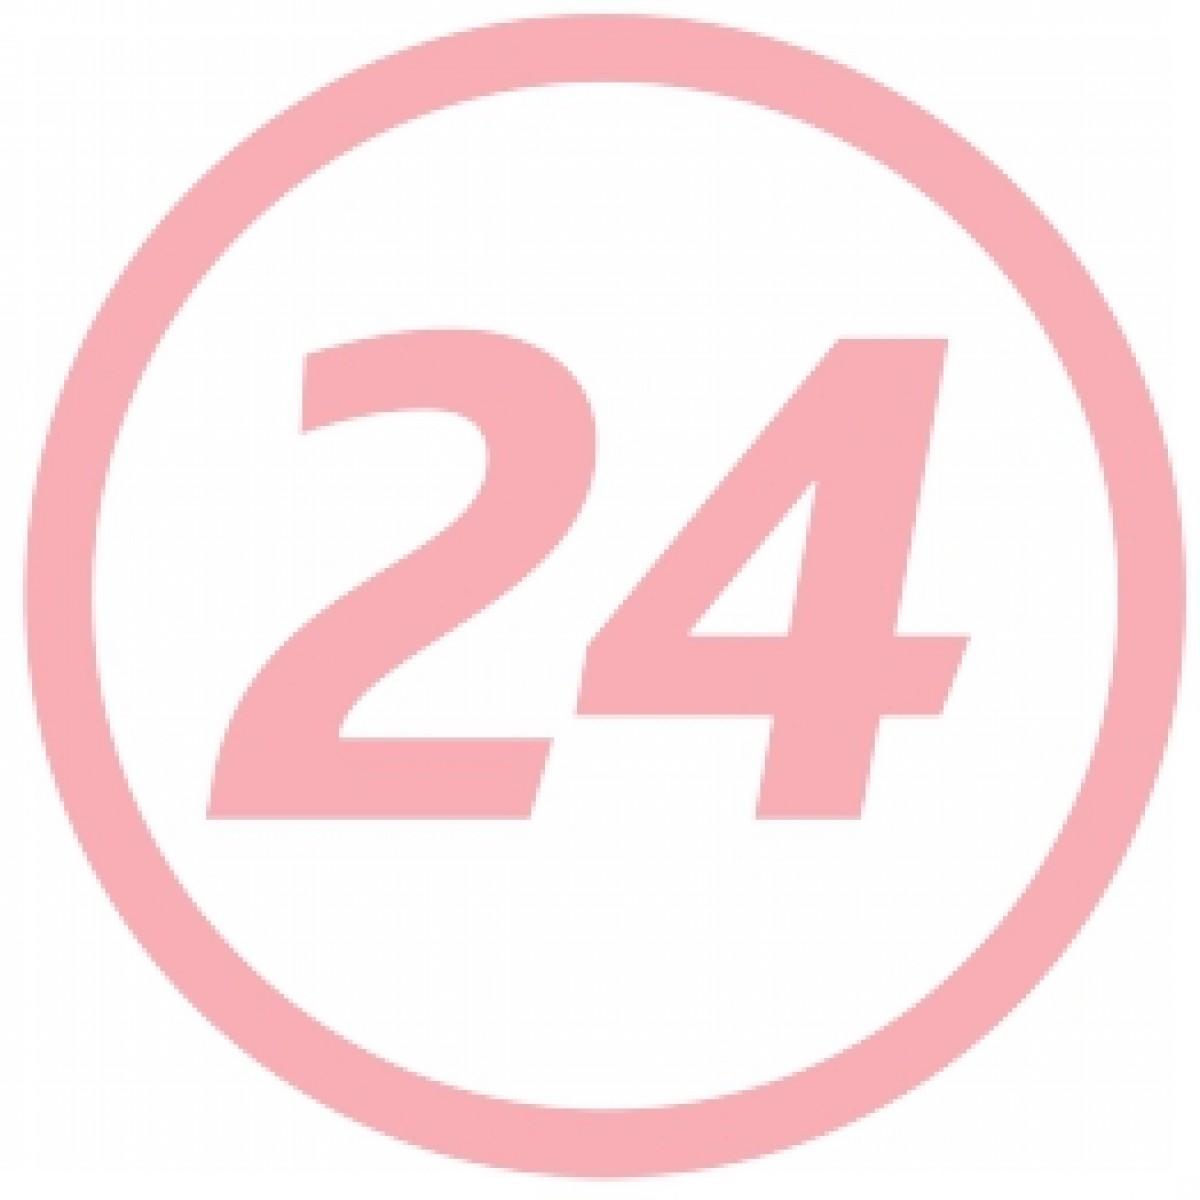 MUSTELA Şerveţele Curăţătoare pentru Faţă, Şerveţele, 25 buc